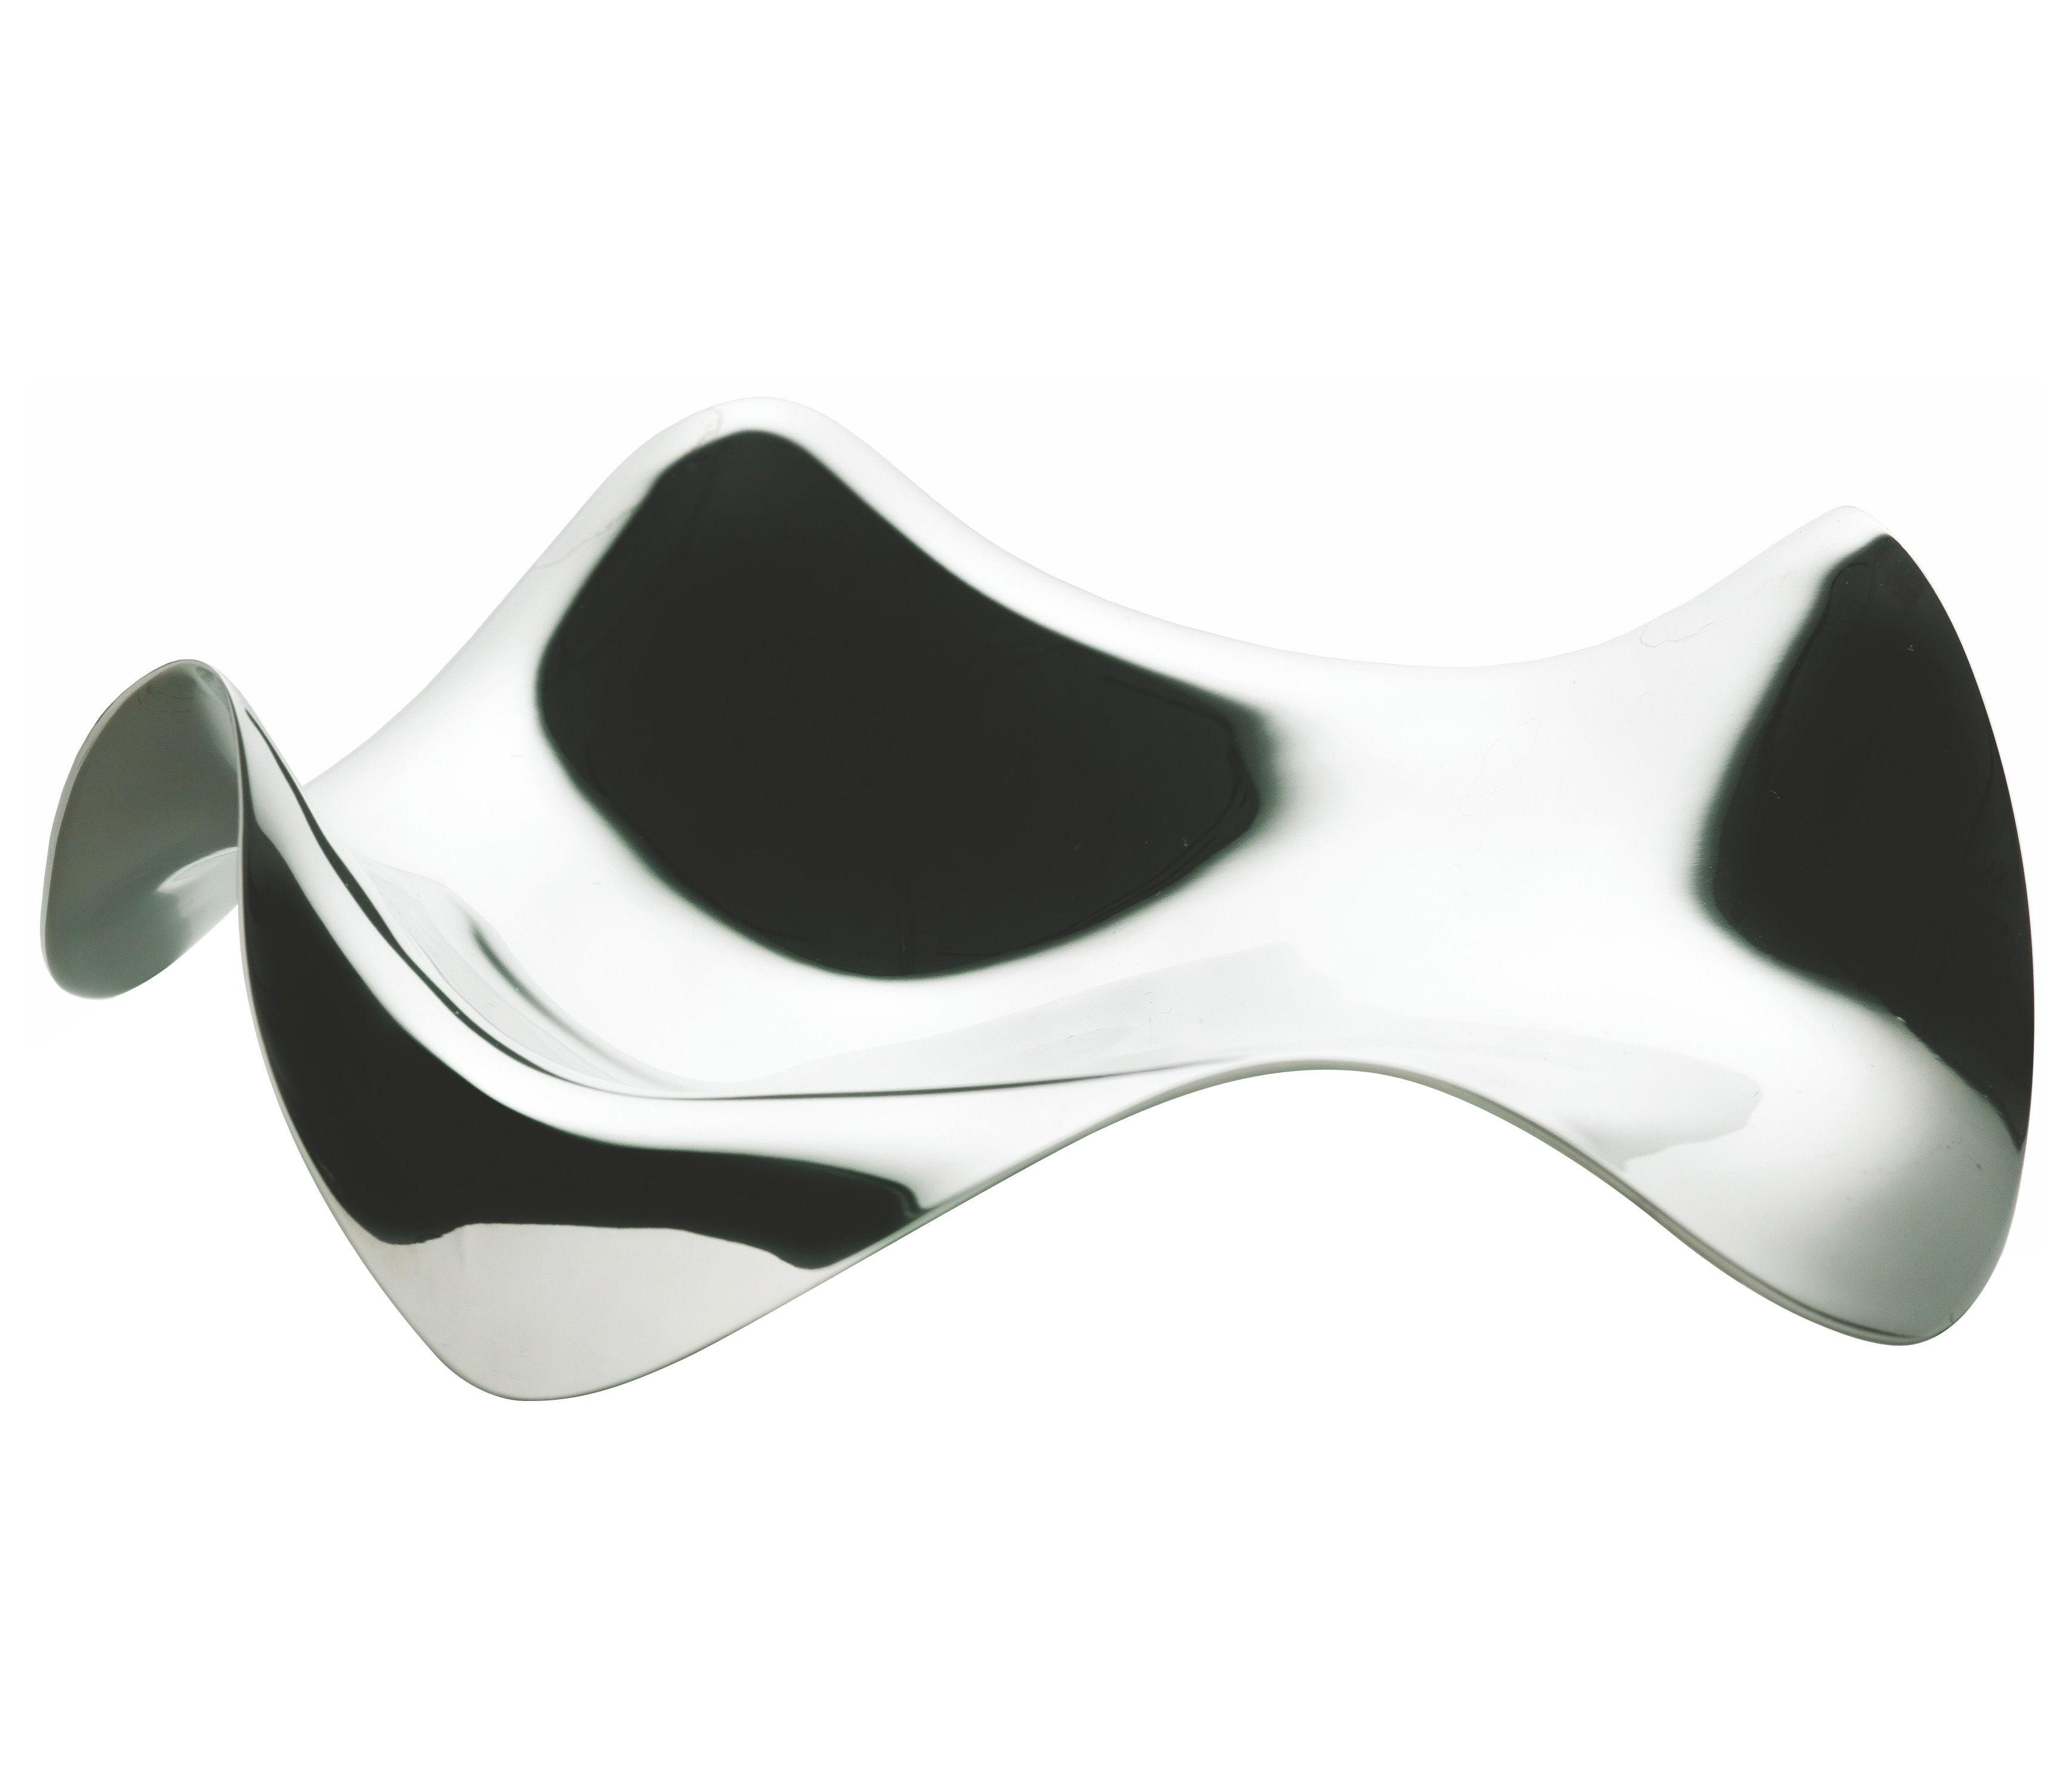 Küche - Einfach praktisch - Blip Löffelablage - Alessi - Edelstahl glänzend - polierter rostfreier Stahl